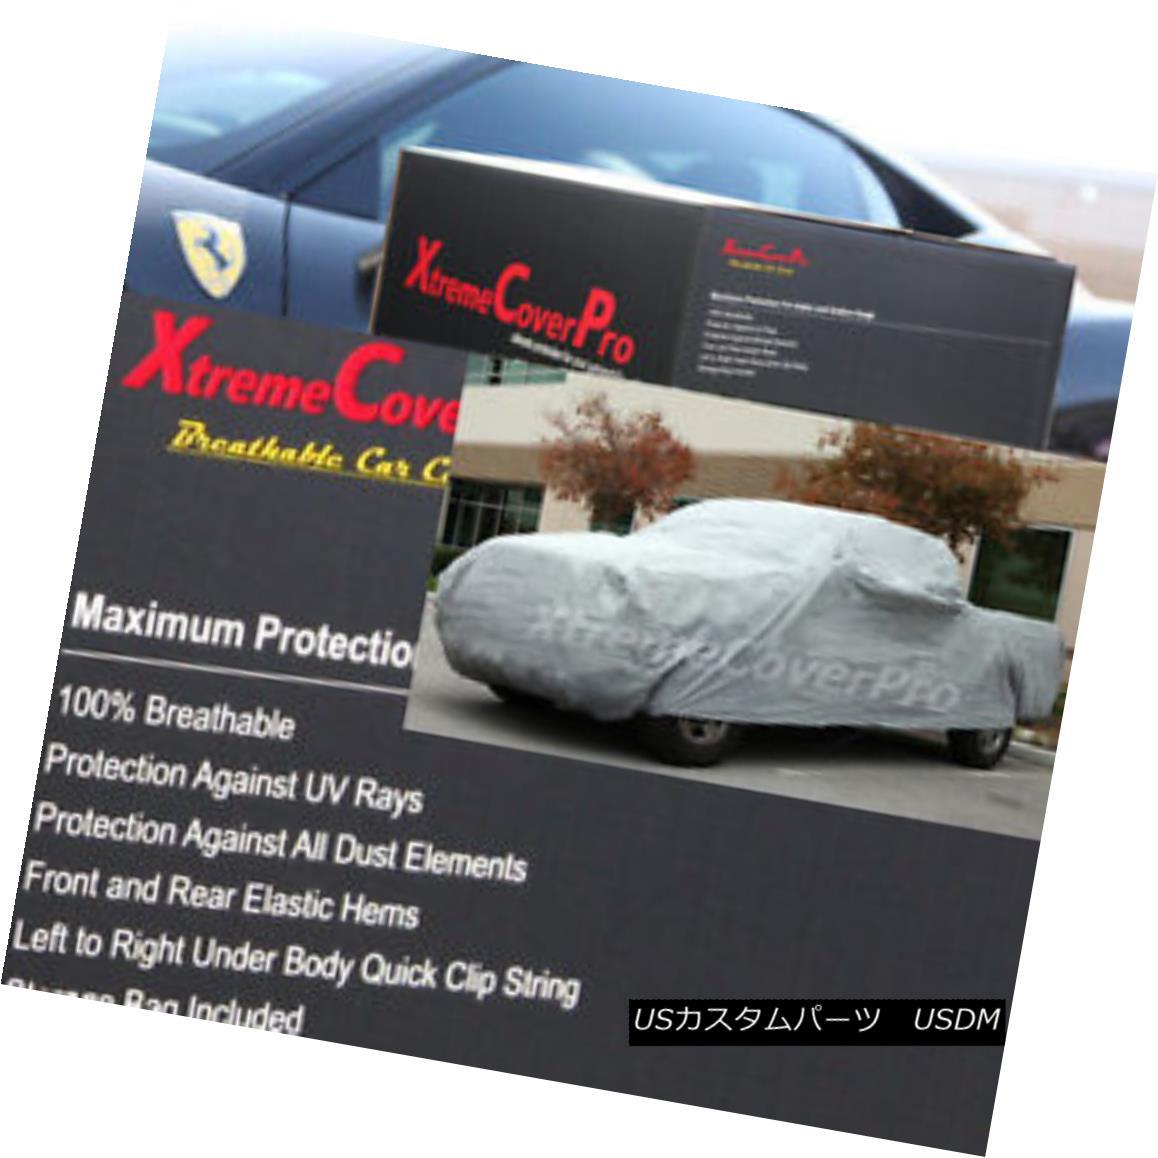 カーカバー 2001 2002 2003 GMC Sierra 2500HD Reg Cab 8ft Bed Breathable Truck Cover 2001 2002 2003 GMC Sierra 2500HD Regキャブ8ftベッド通気性トラックカバー